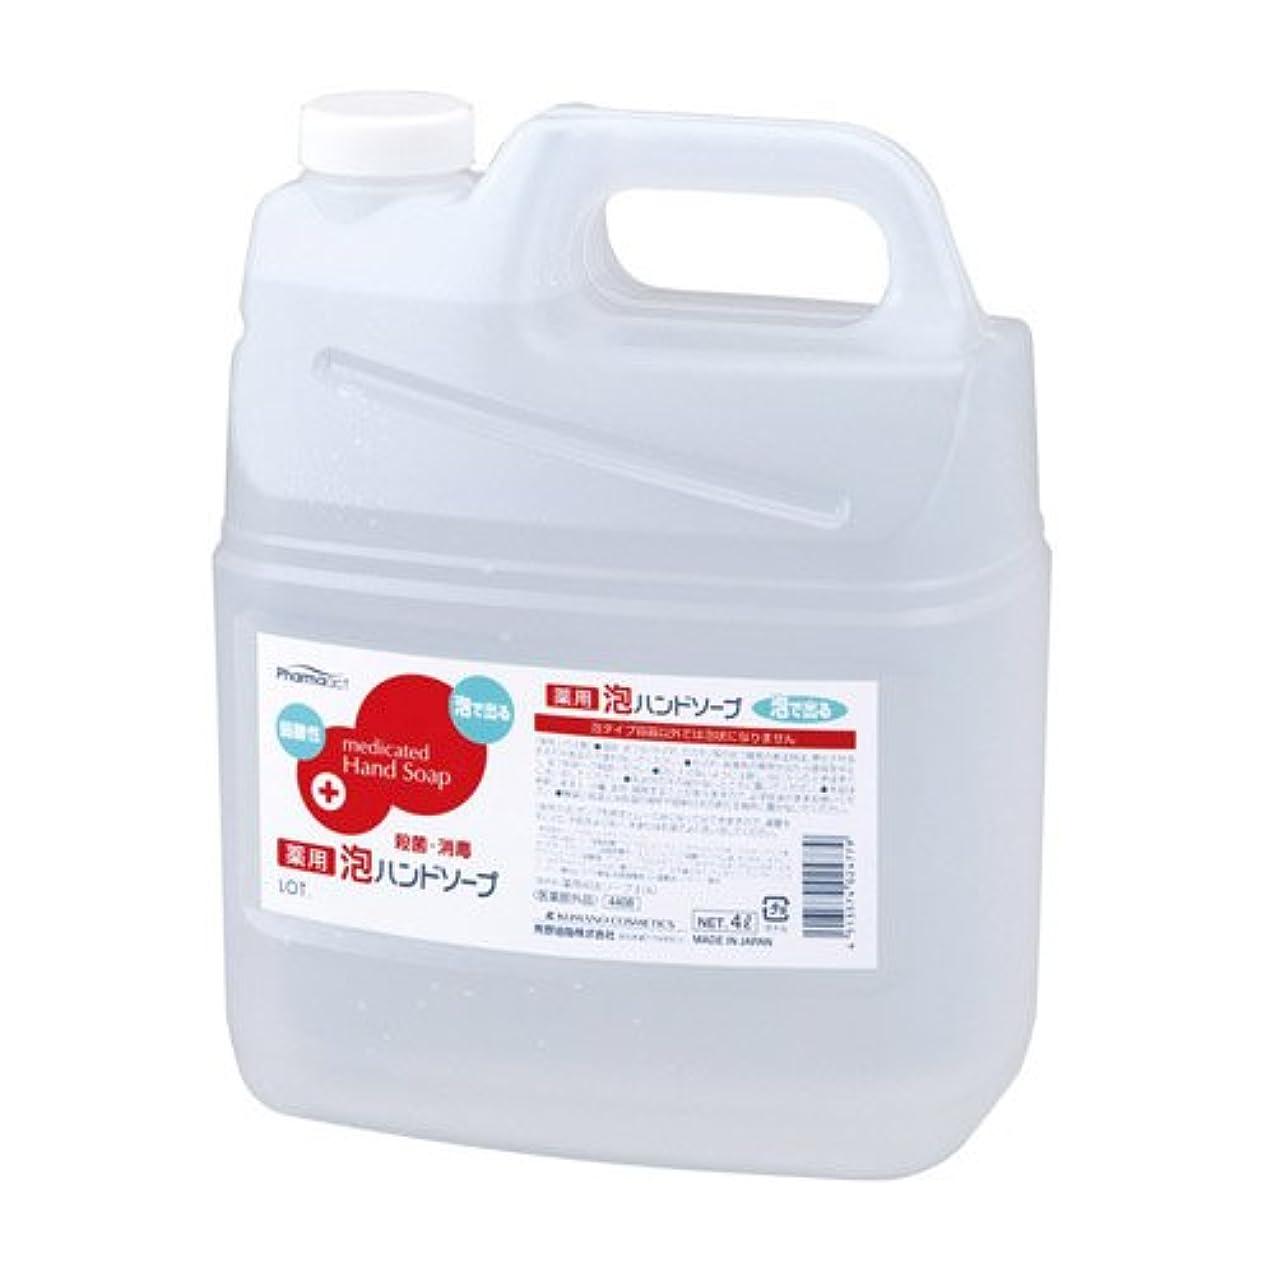 避けられない一晩節約ファーマアクト 薬用 泡ハンドソープ 業務用 4L 【医薬部外品】